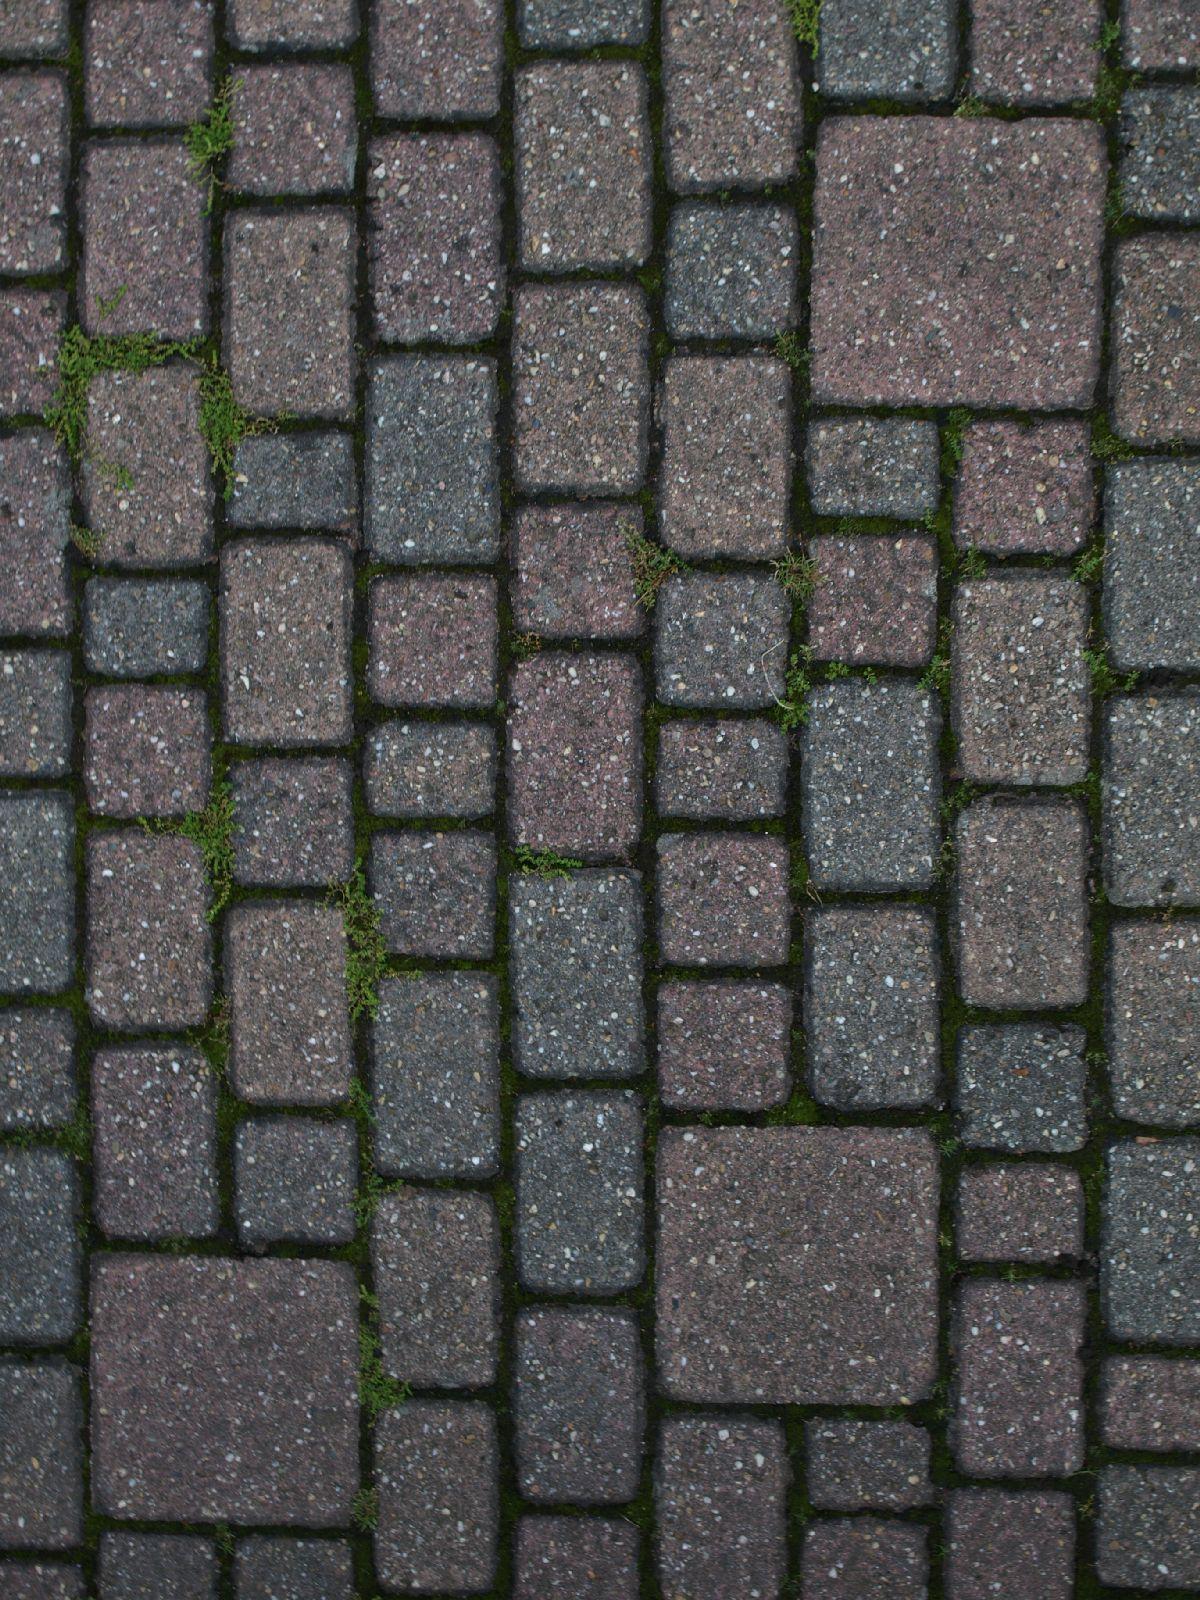 Ground-Urban_Texture_A_P8164334